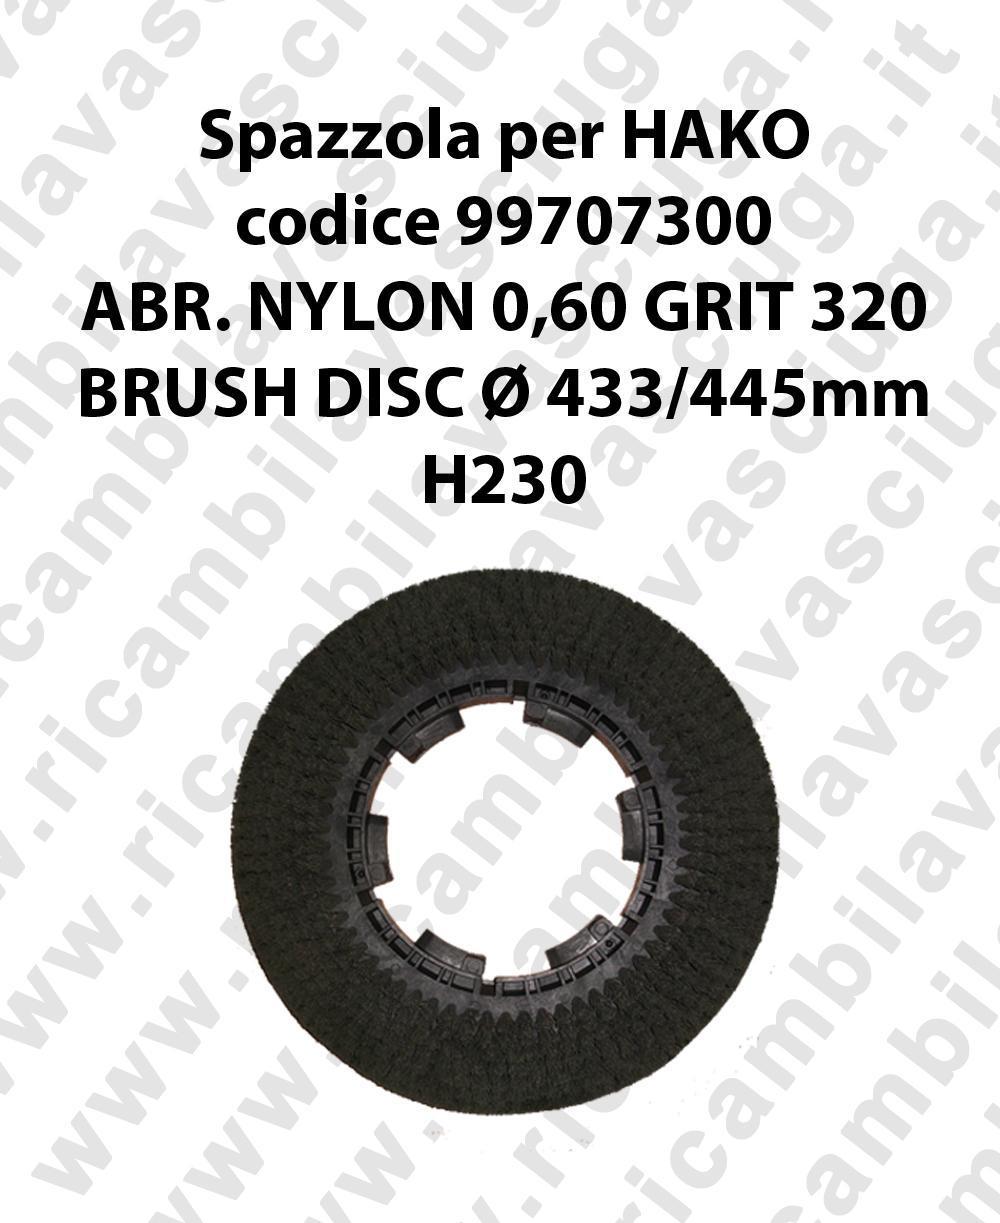 BROSSE A LAVER pour autolaveuses HAKO code 99707300